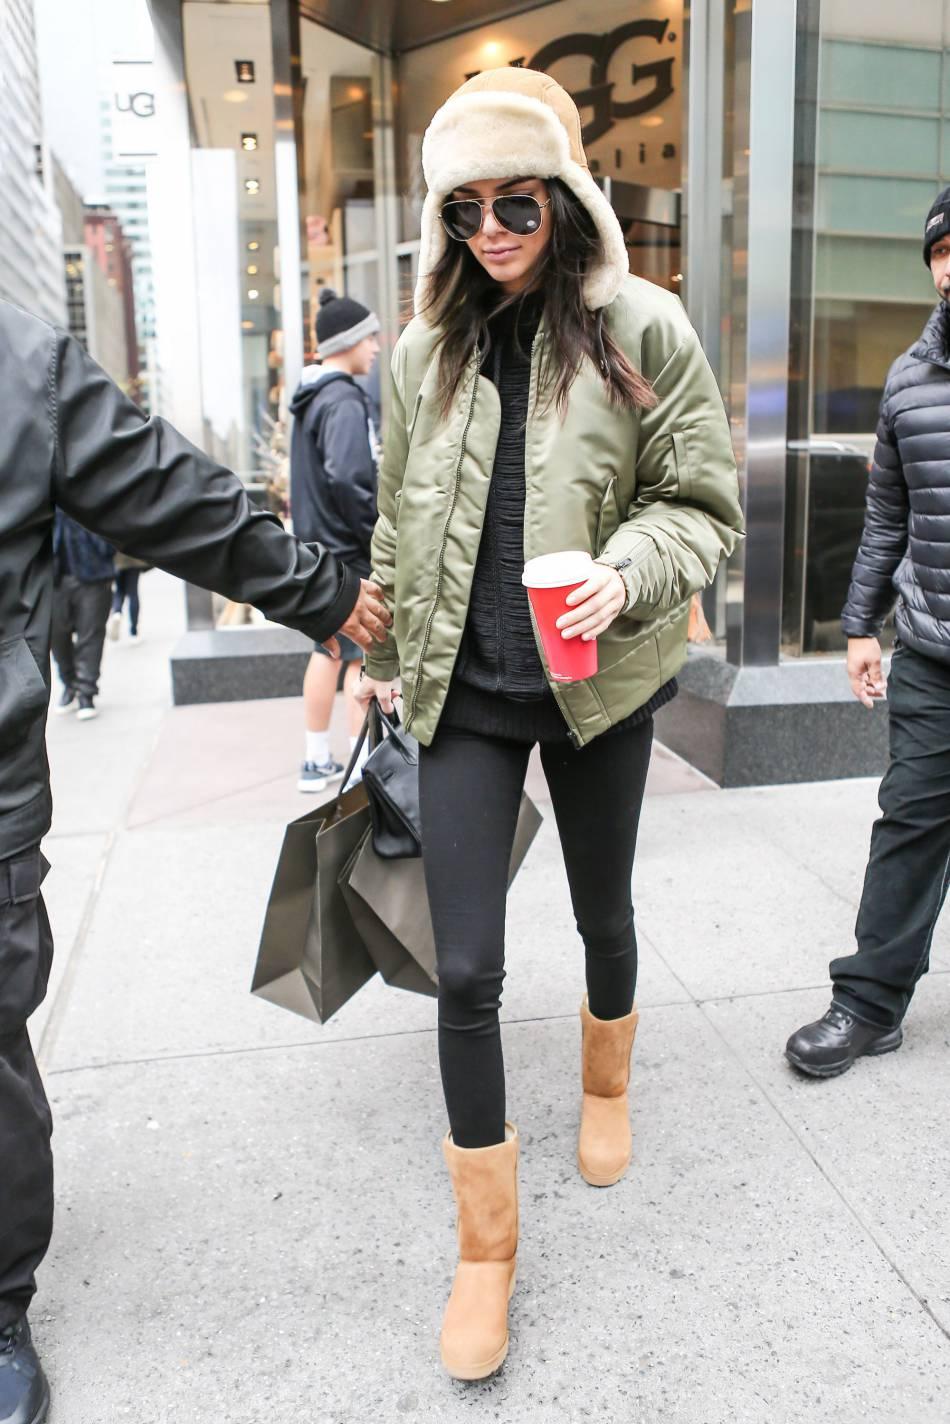 Kendall Jenner, brune et sexy même avec une chapka, n'hésite pas à passer au blond pour son métier.